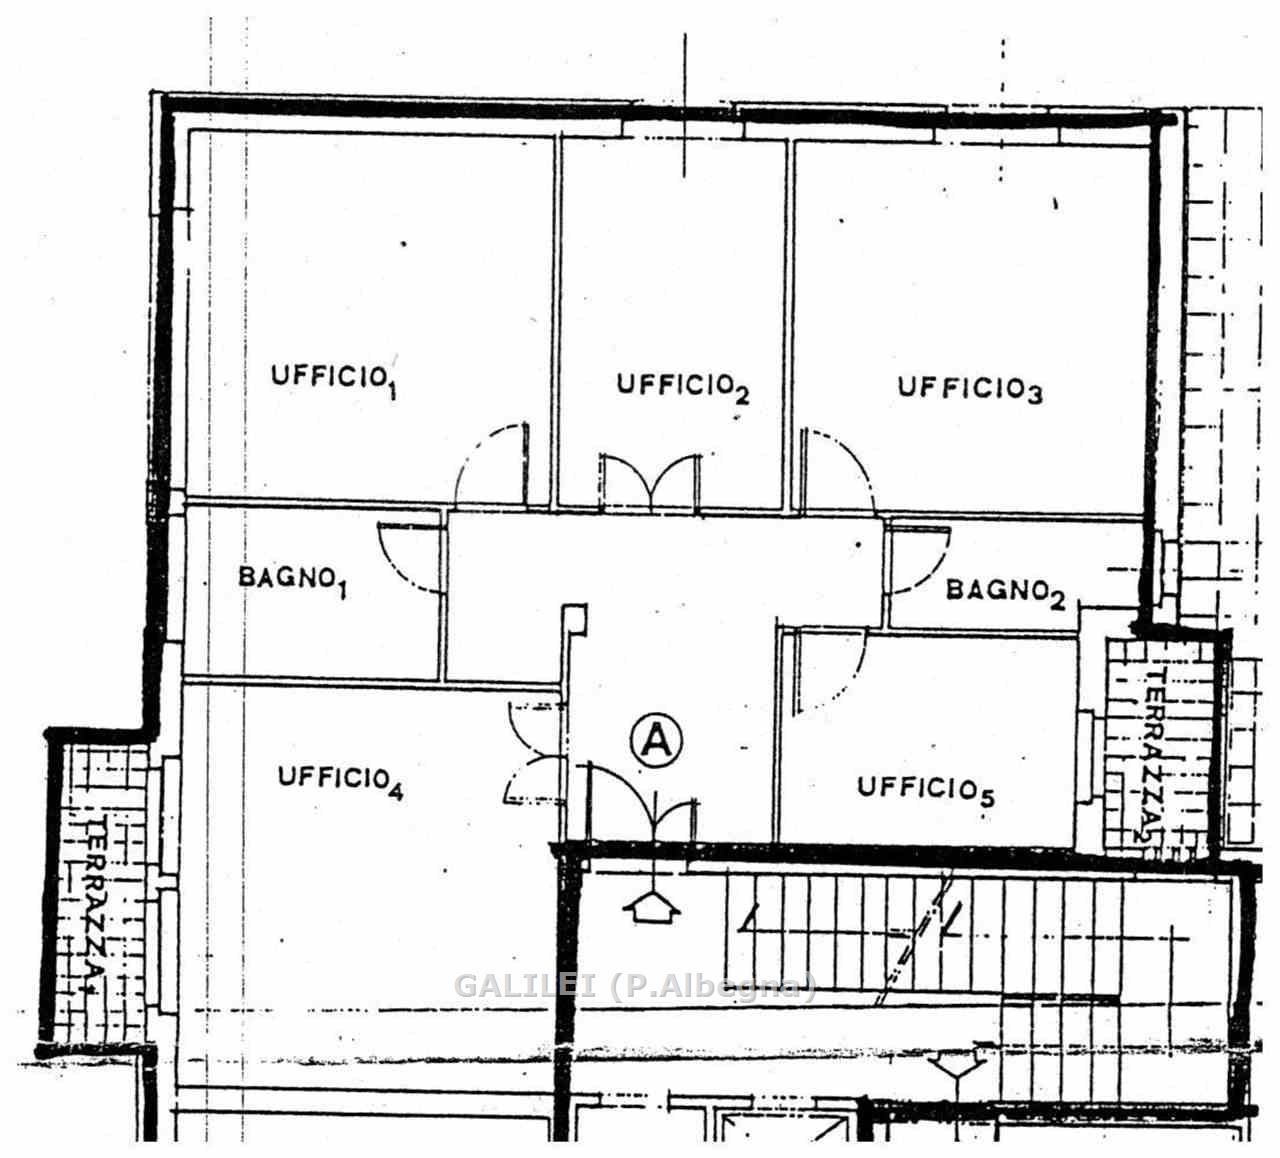 Ufficio in vendita a grosseto galilei immobiliare for Vendesi ufficio roma